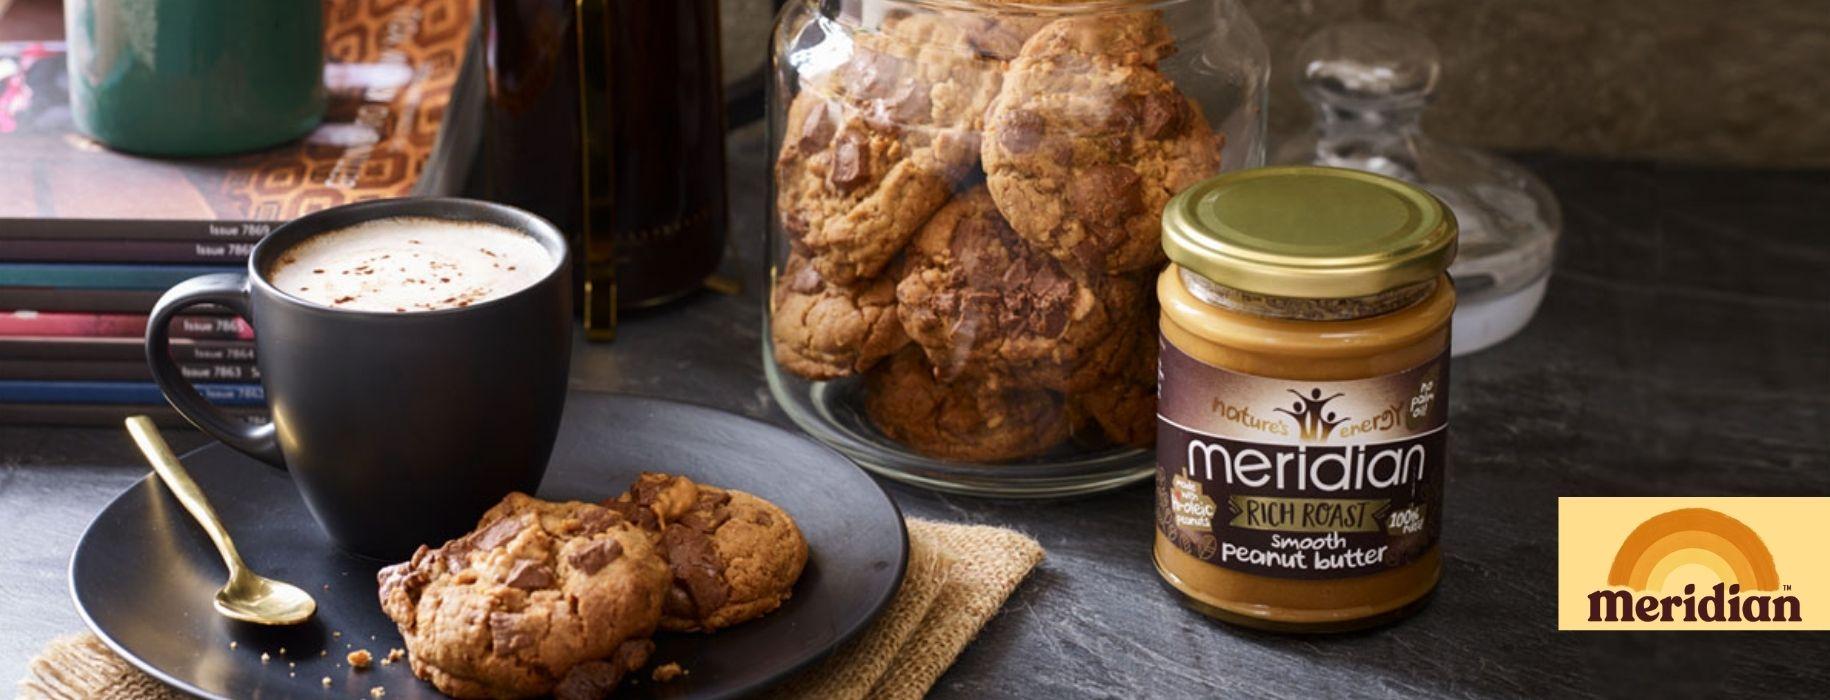 Meridian Rich Roast Peanut Butter Banner